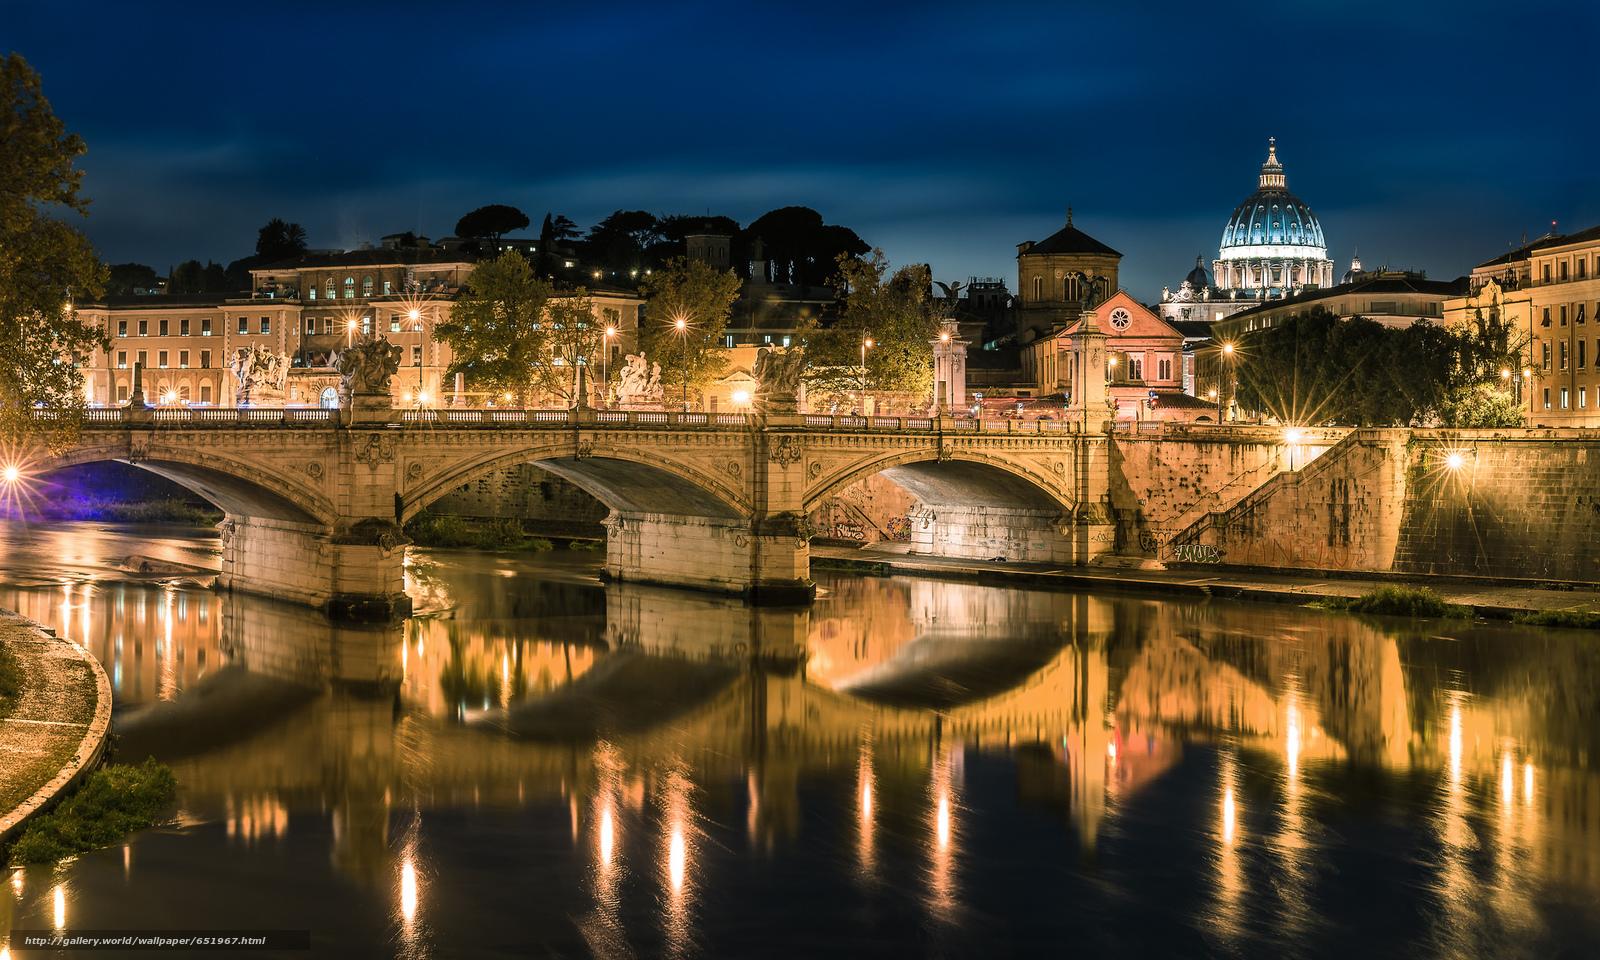 tlcharger fond decran rome - photo #6